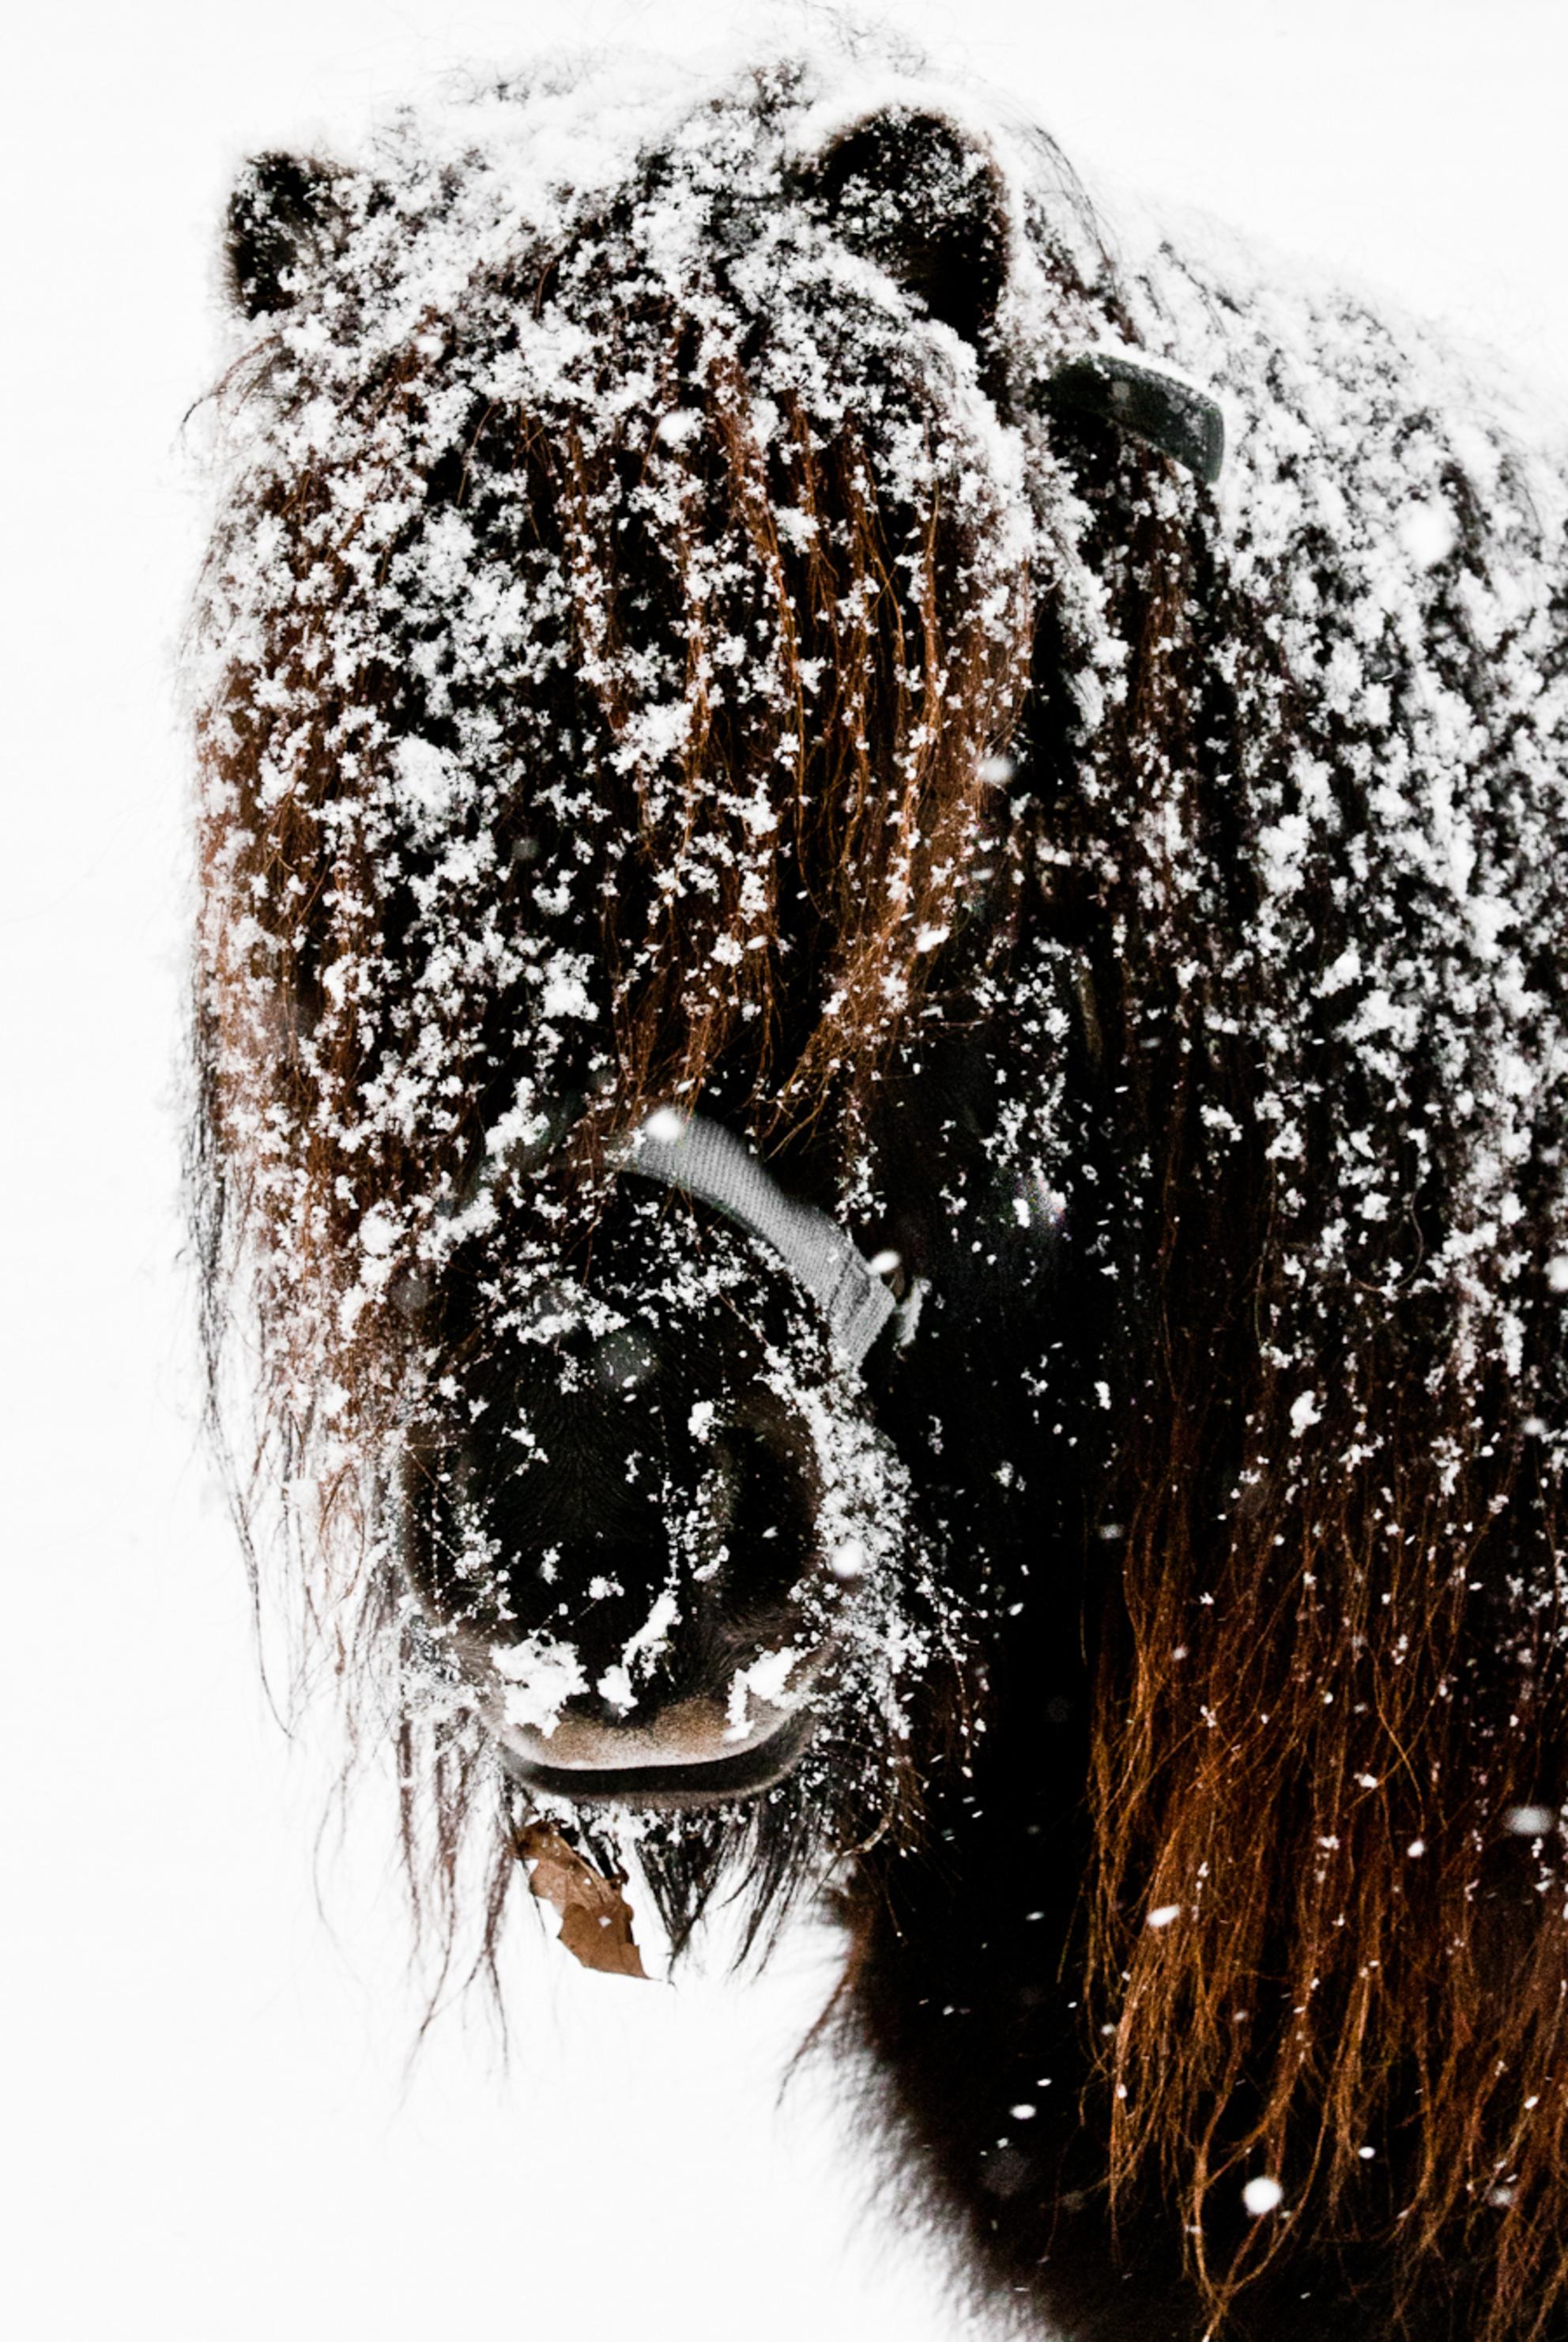 Slecht zicht...... - Dit kleine paardje de afgelopen winter ergens in een natuurgebied gefotografeerd. Vond het zo'n aandoenlijk gezicht, al die sneeuw in zijn manen.... - foto door hagarr op 09-10-2012 - deze foto bevat: sneeuw, pony, paardje, kou, winterbeeld - Deze foto mag gebruikt worden in een Zoom.nl publicatie